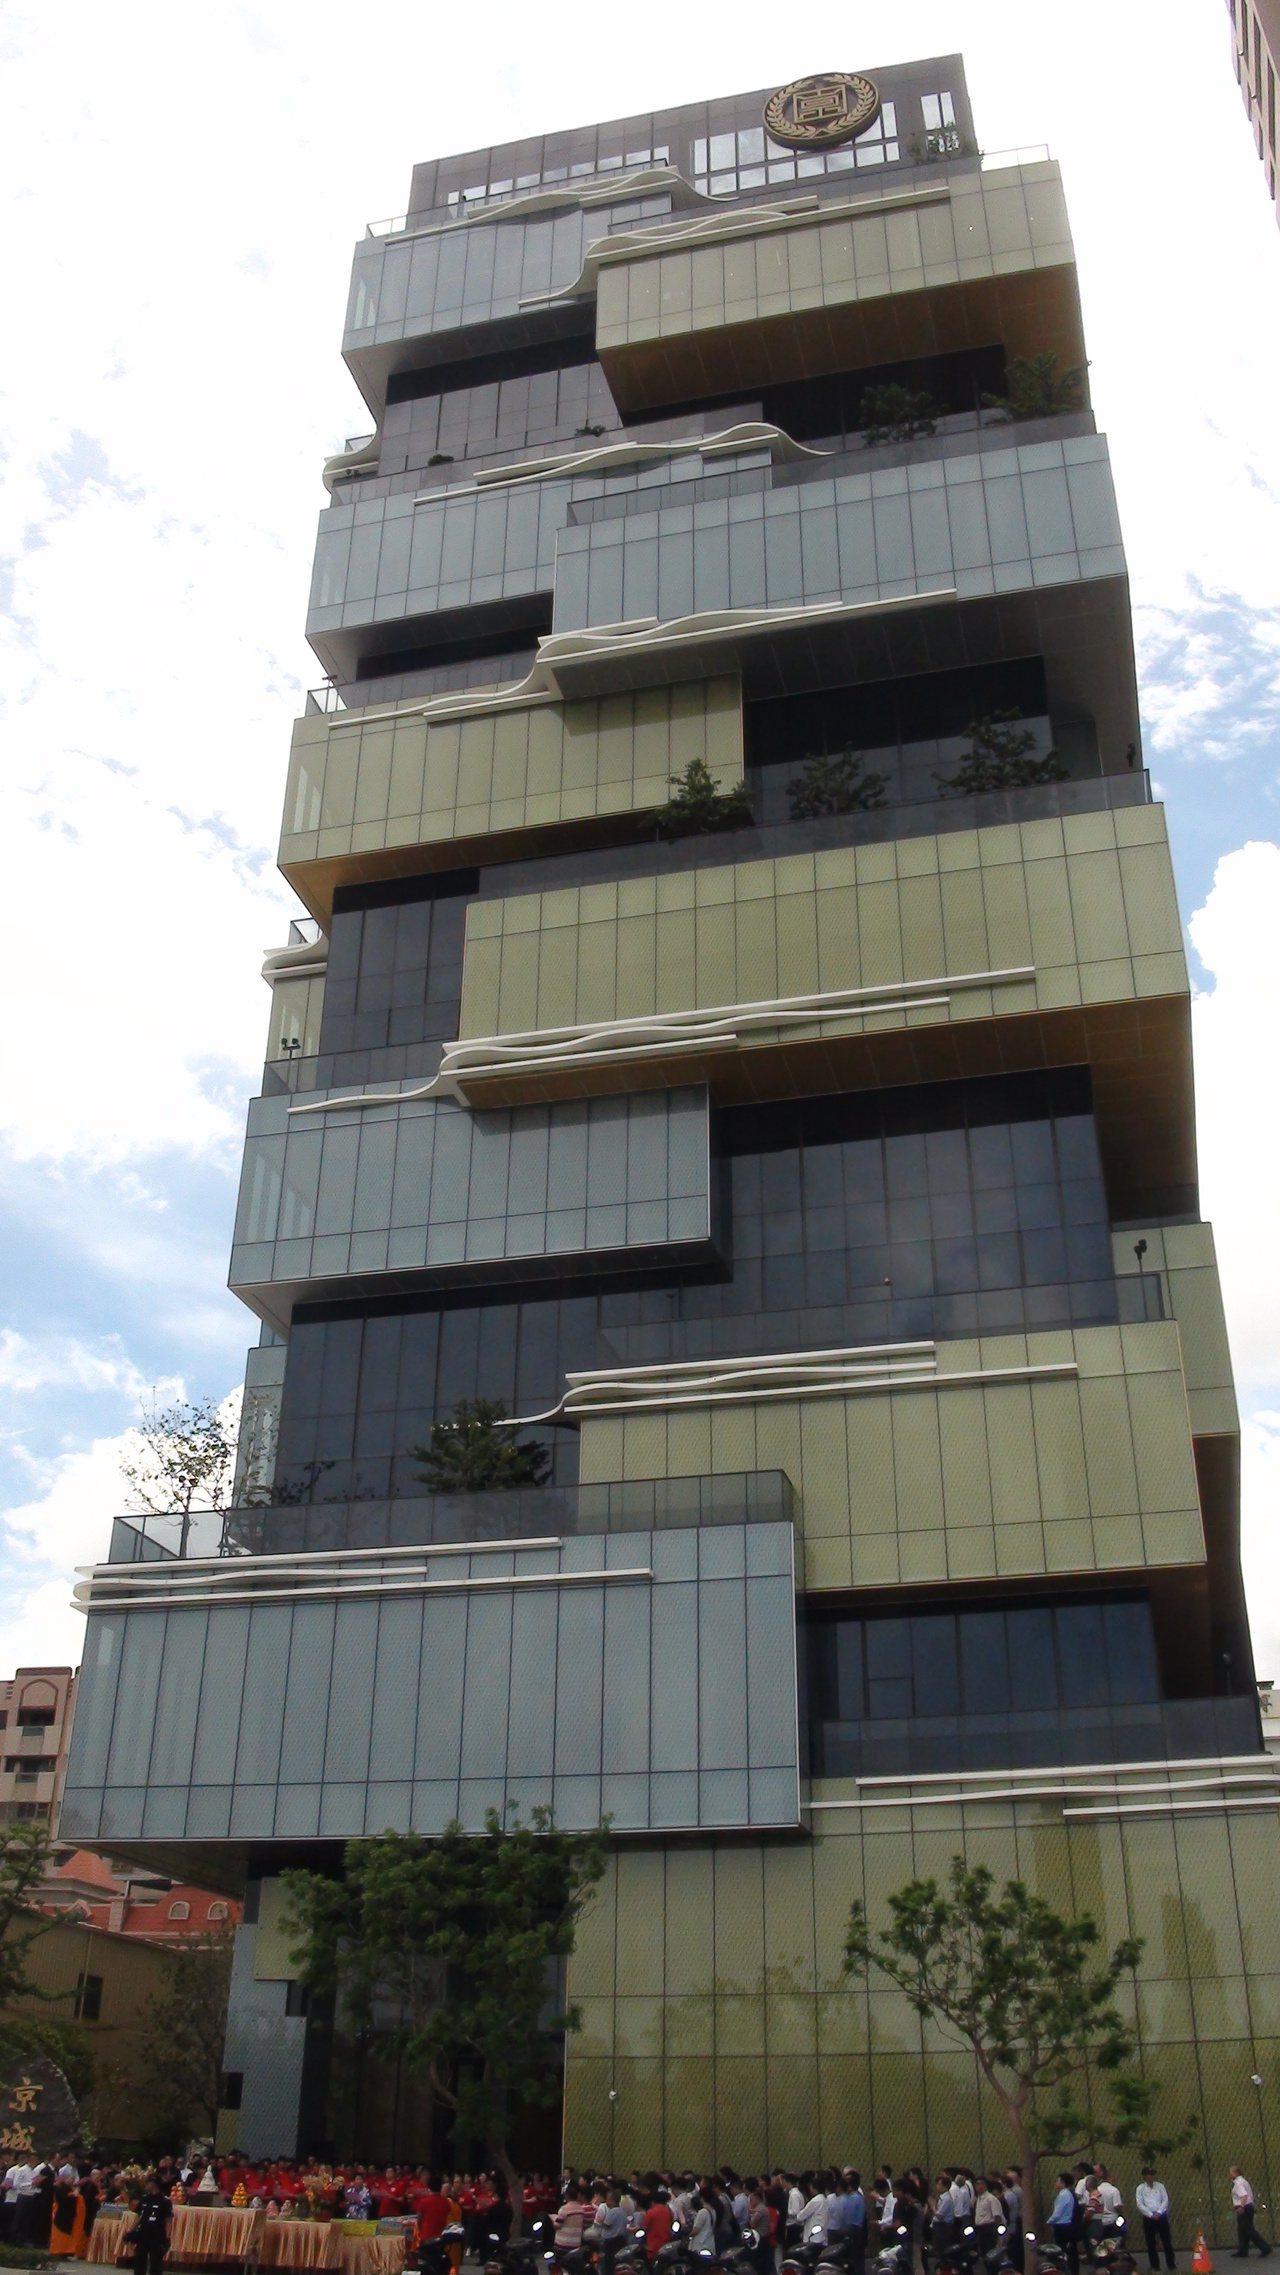 京城建設今天上午搬遷到新的總部大樓,位在高雄市左營區凹子底森林公園對面博愛路旁建